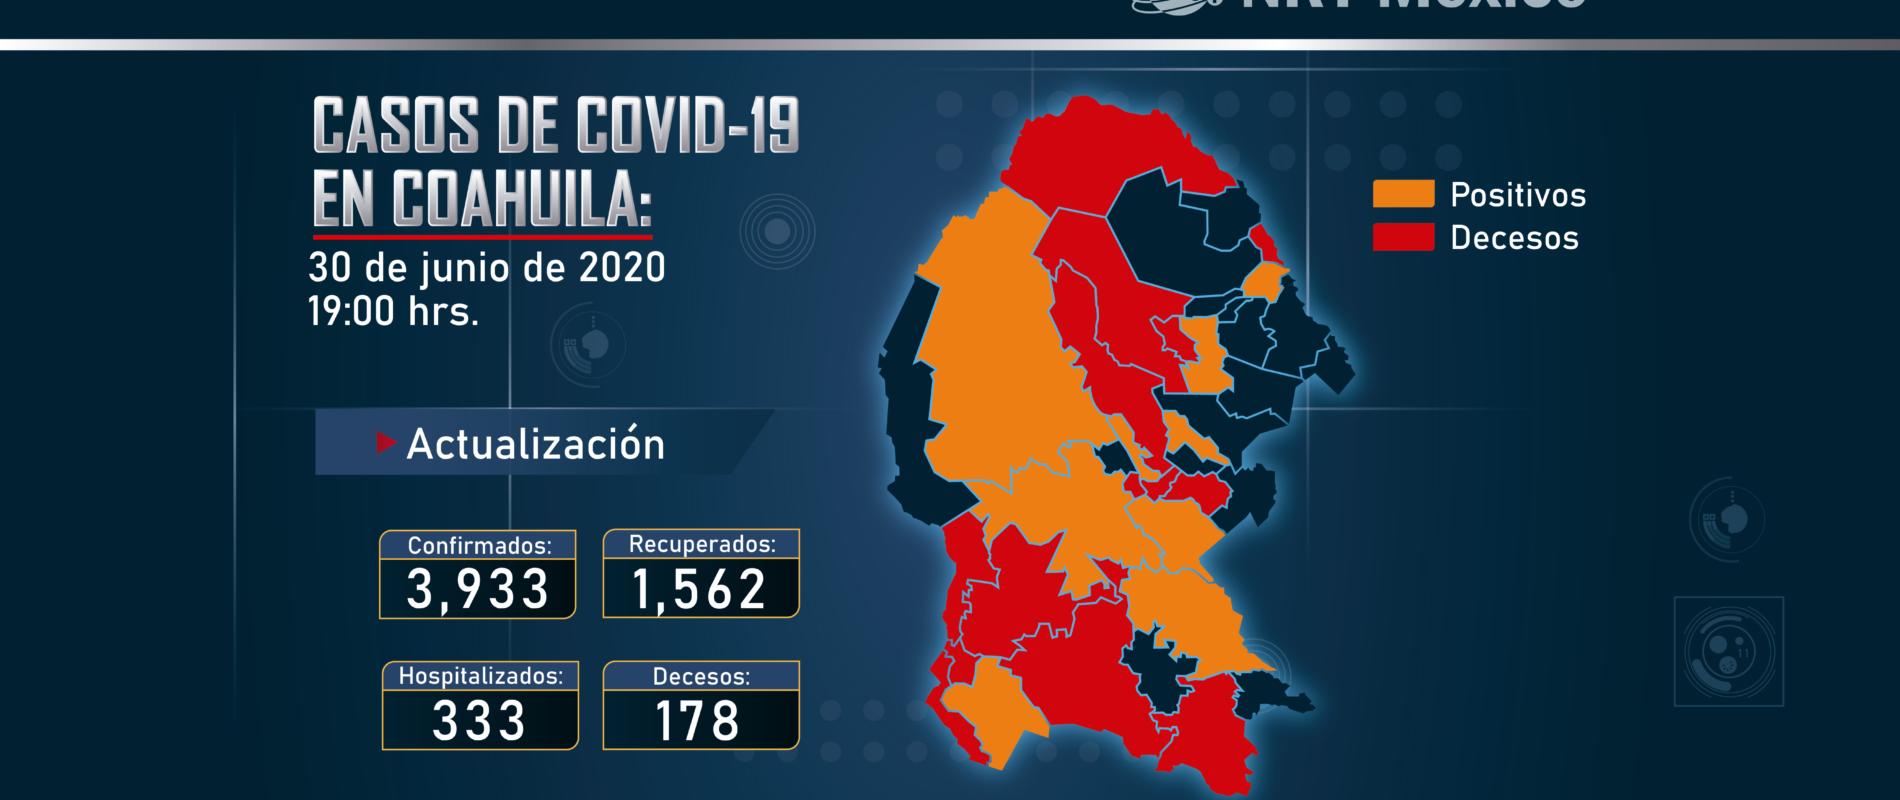 Coahuila registró 138 nuevos casos de COVID-19 en las últimas 24 horas.